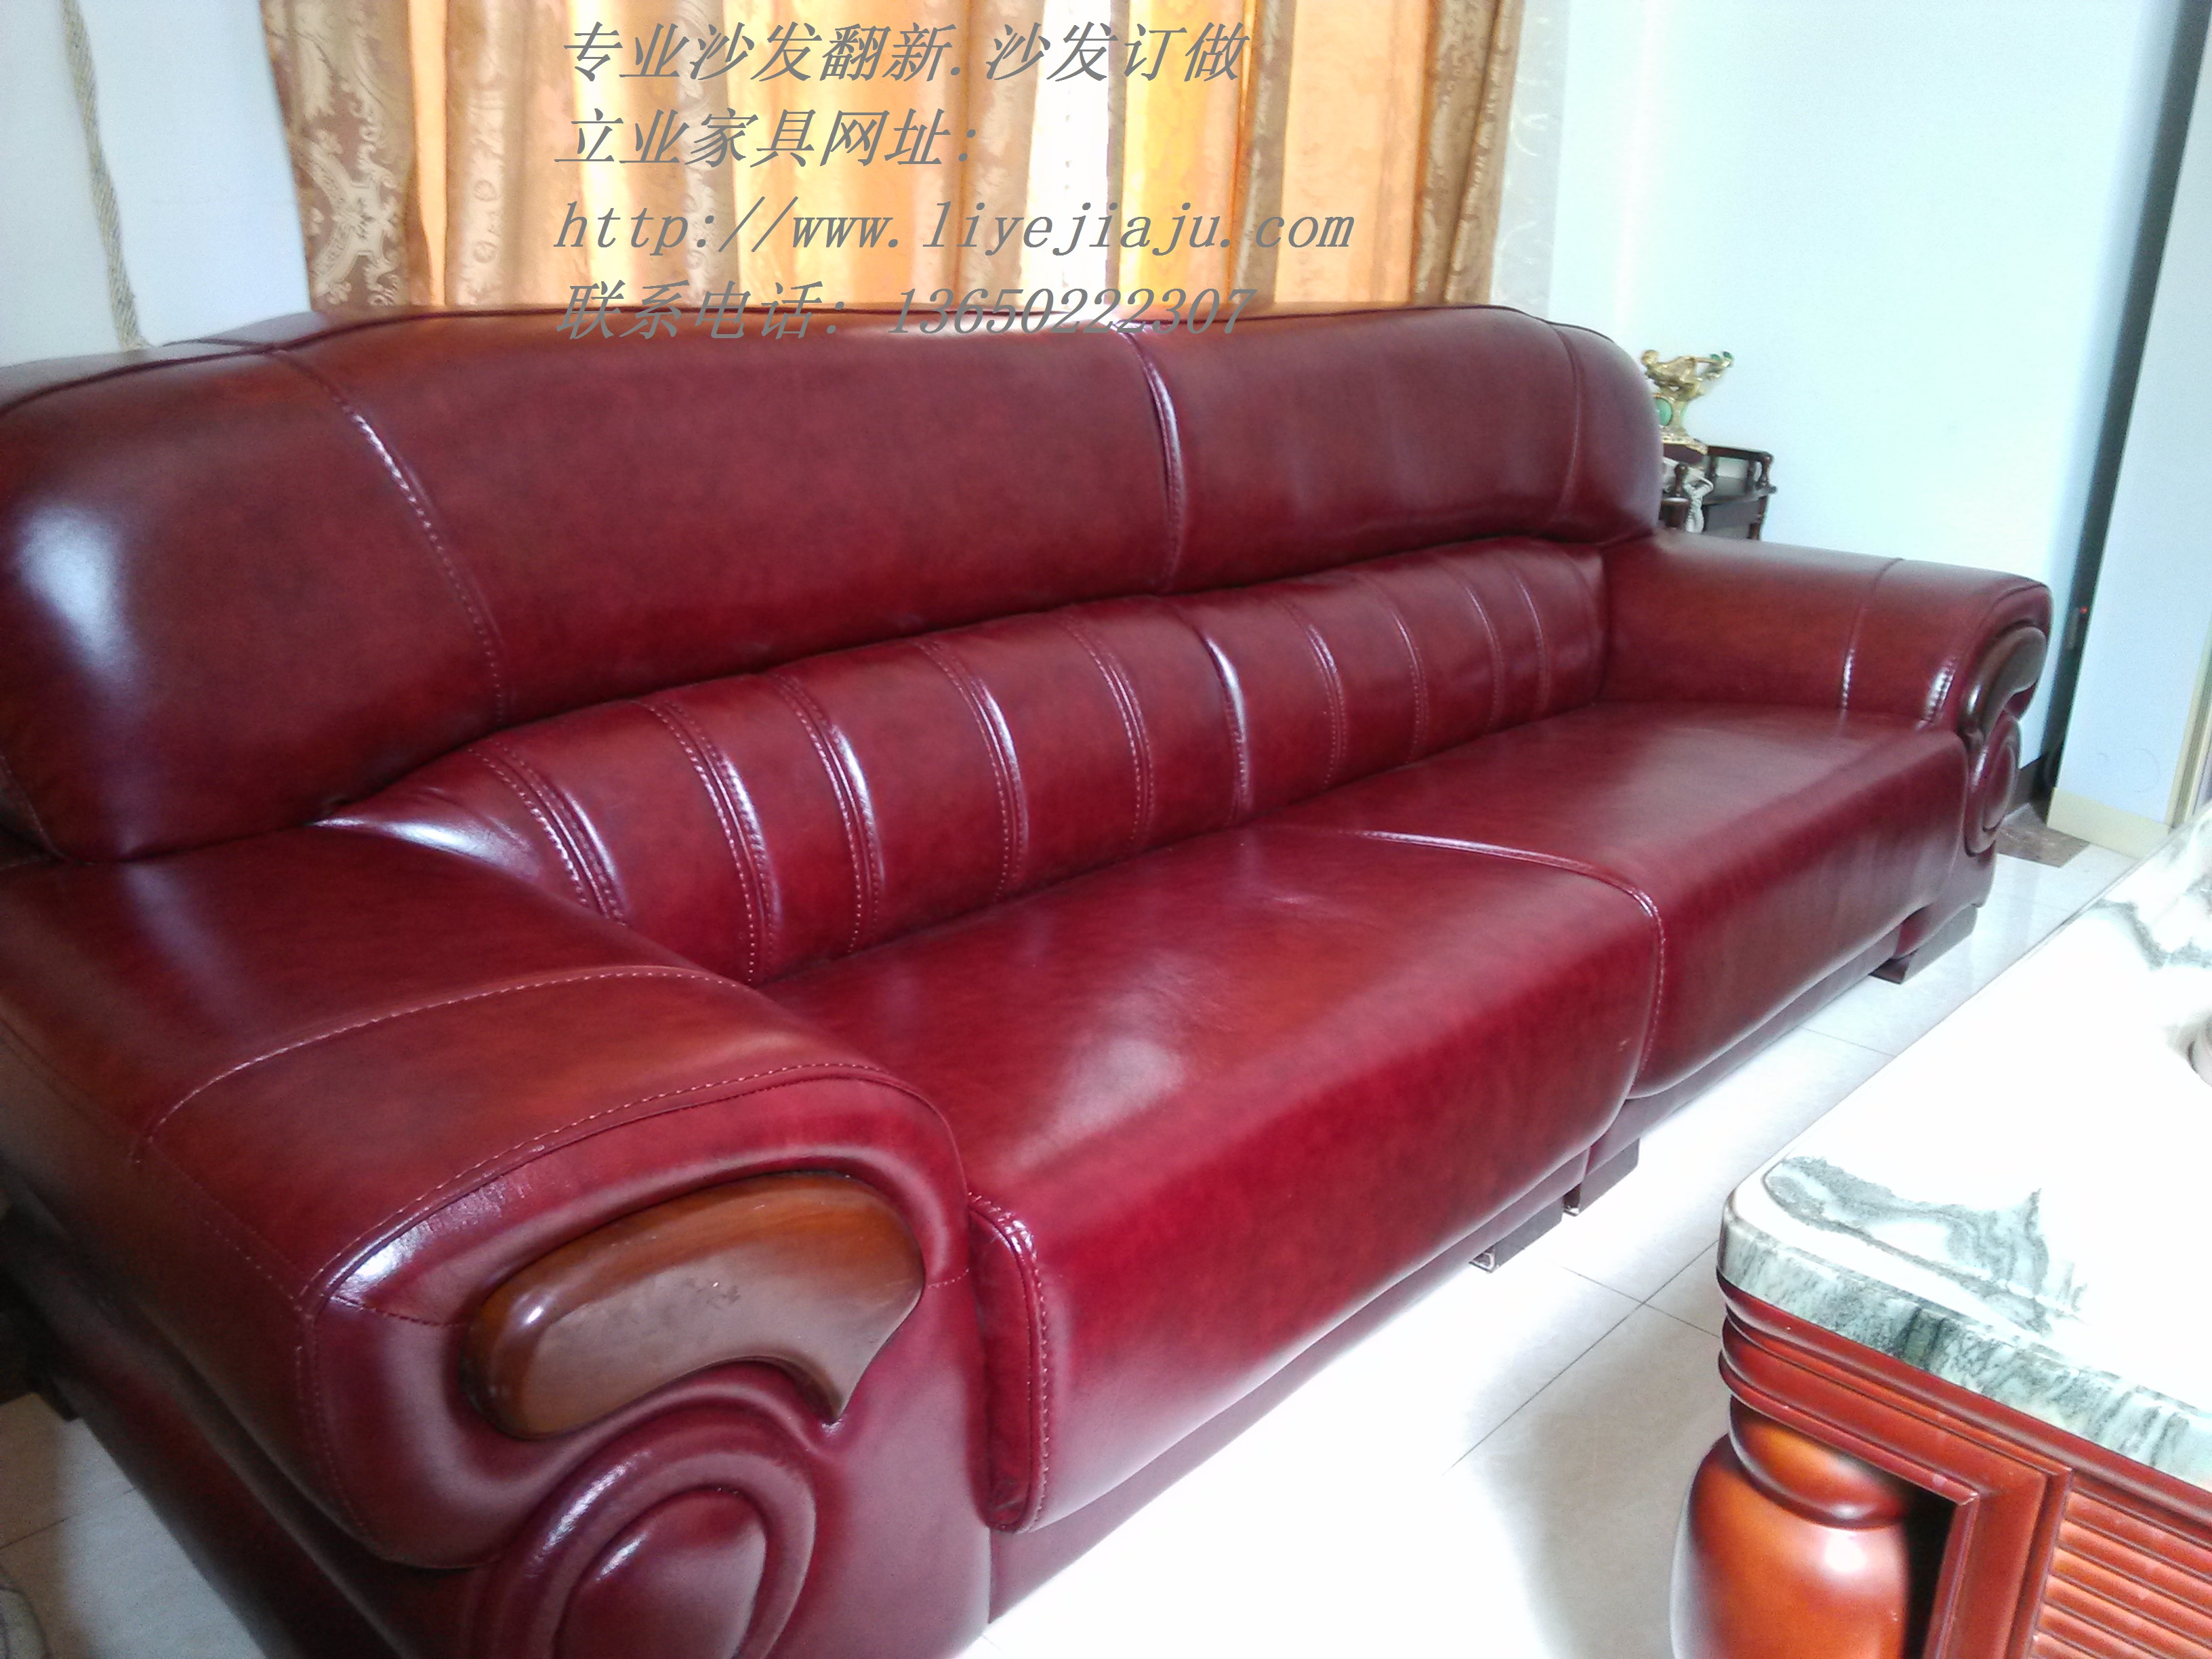 """皮沙发掉皮后如何修复清走旧沙发换上长条椅50个爱心座椅""""落户""""碧园社区"""